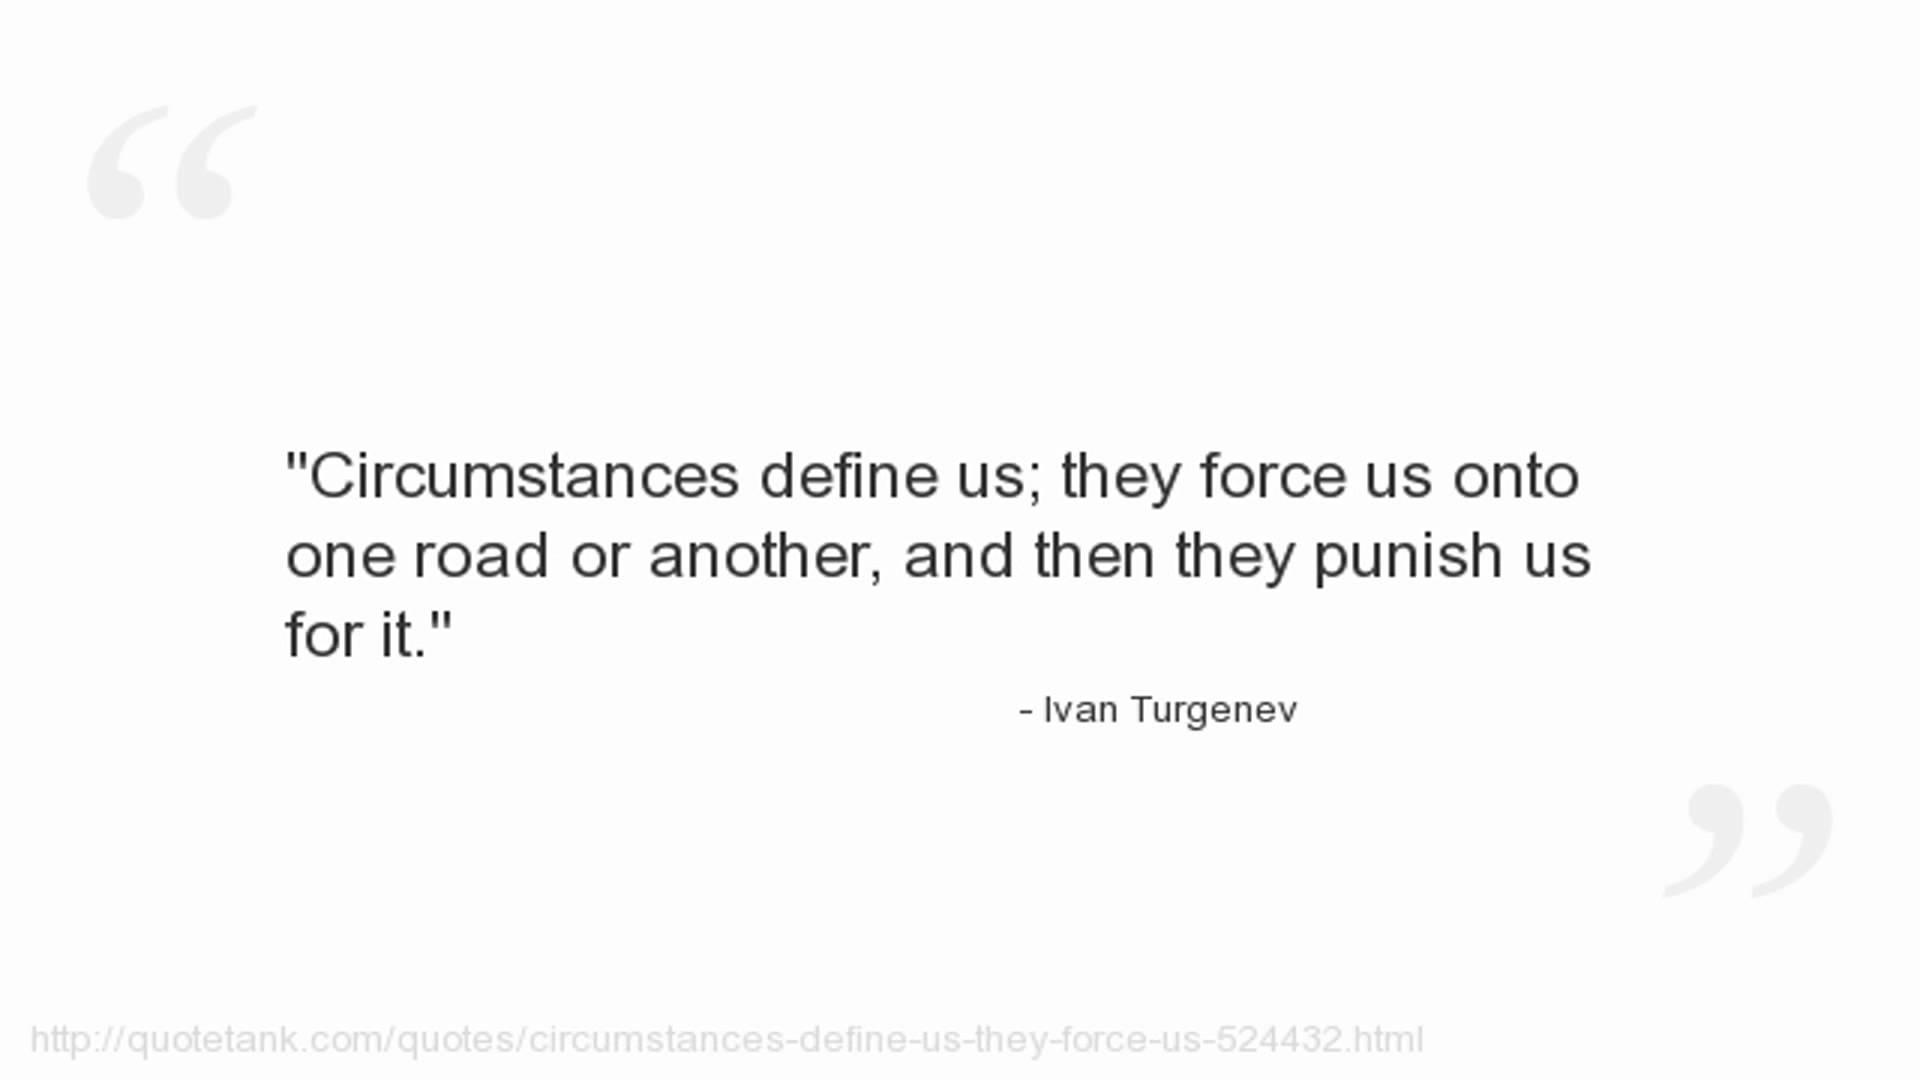 Ivan Turgenev's quote #2